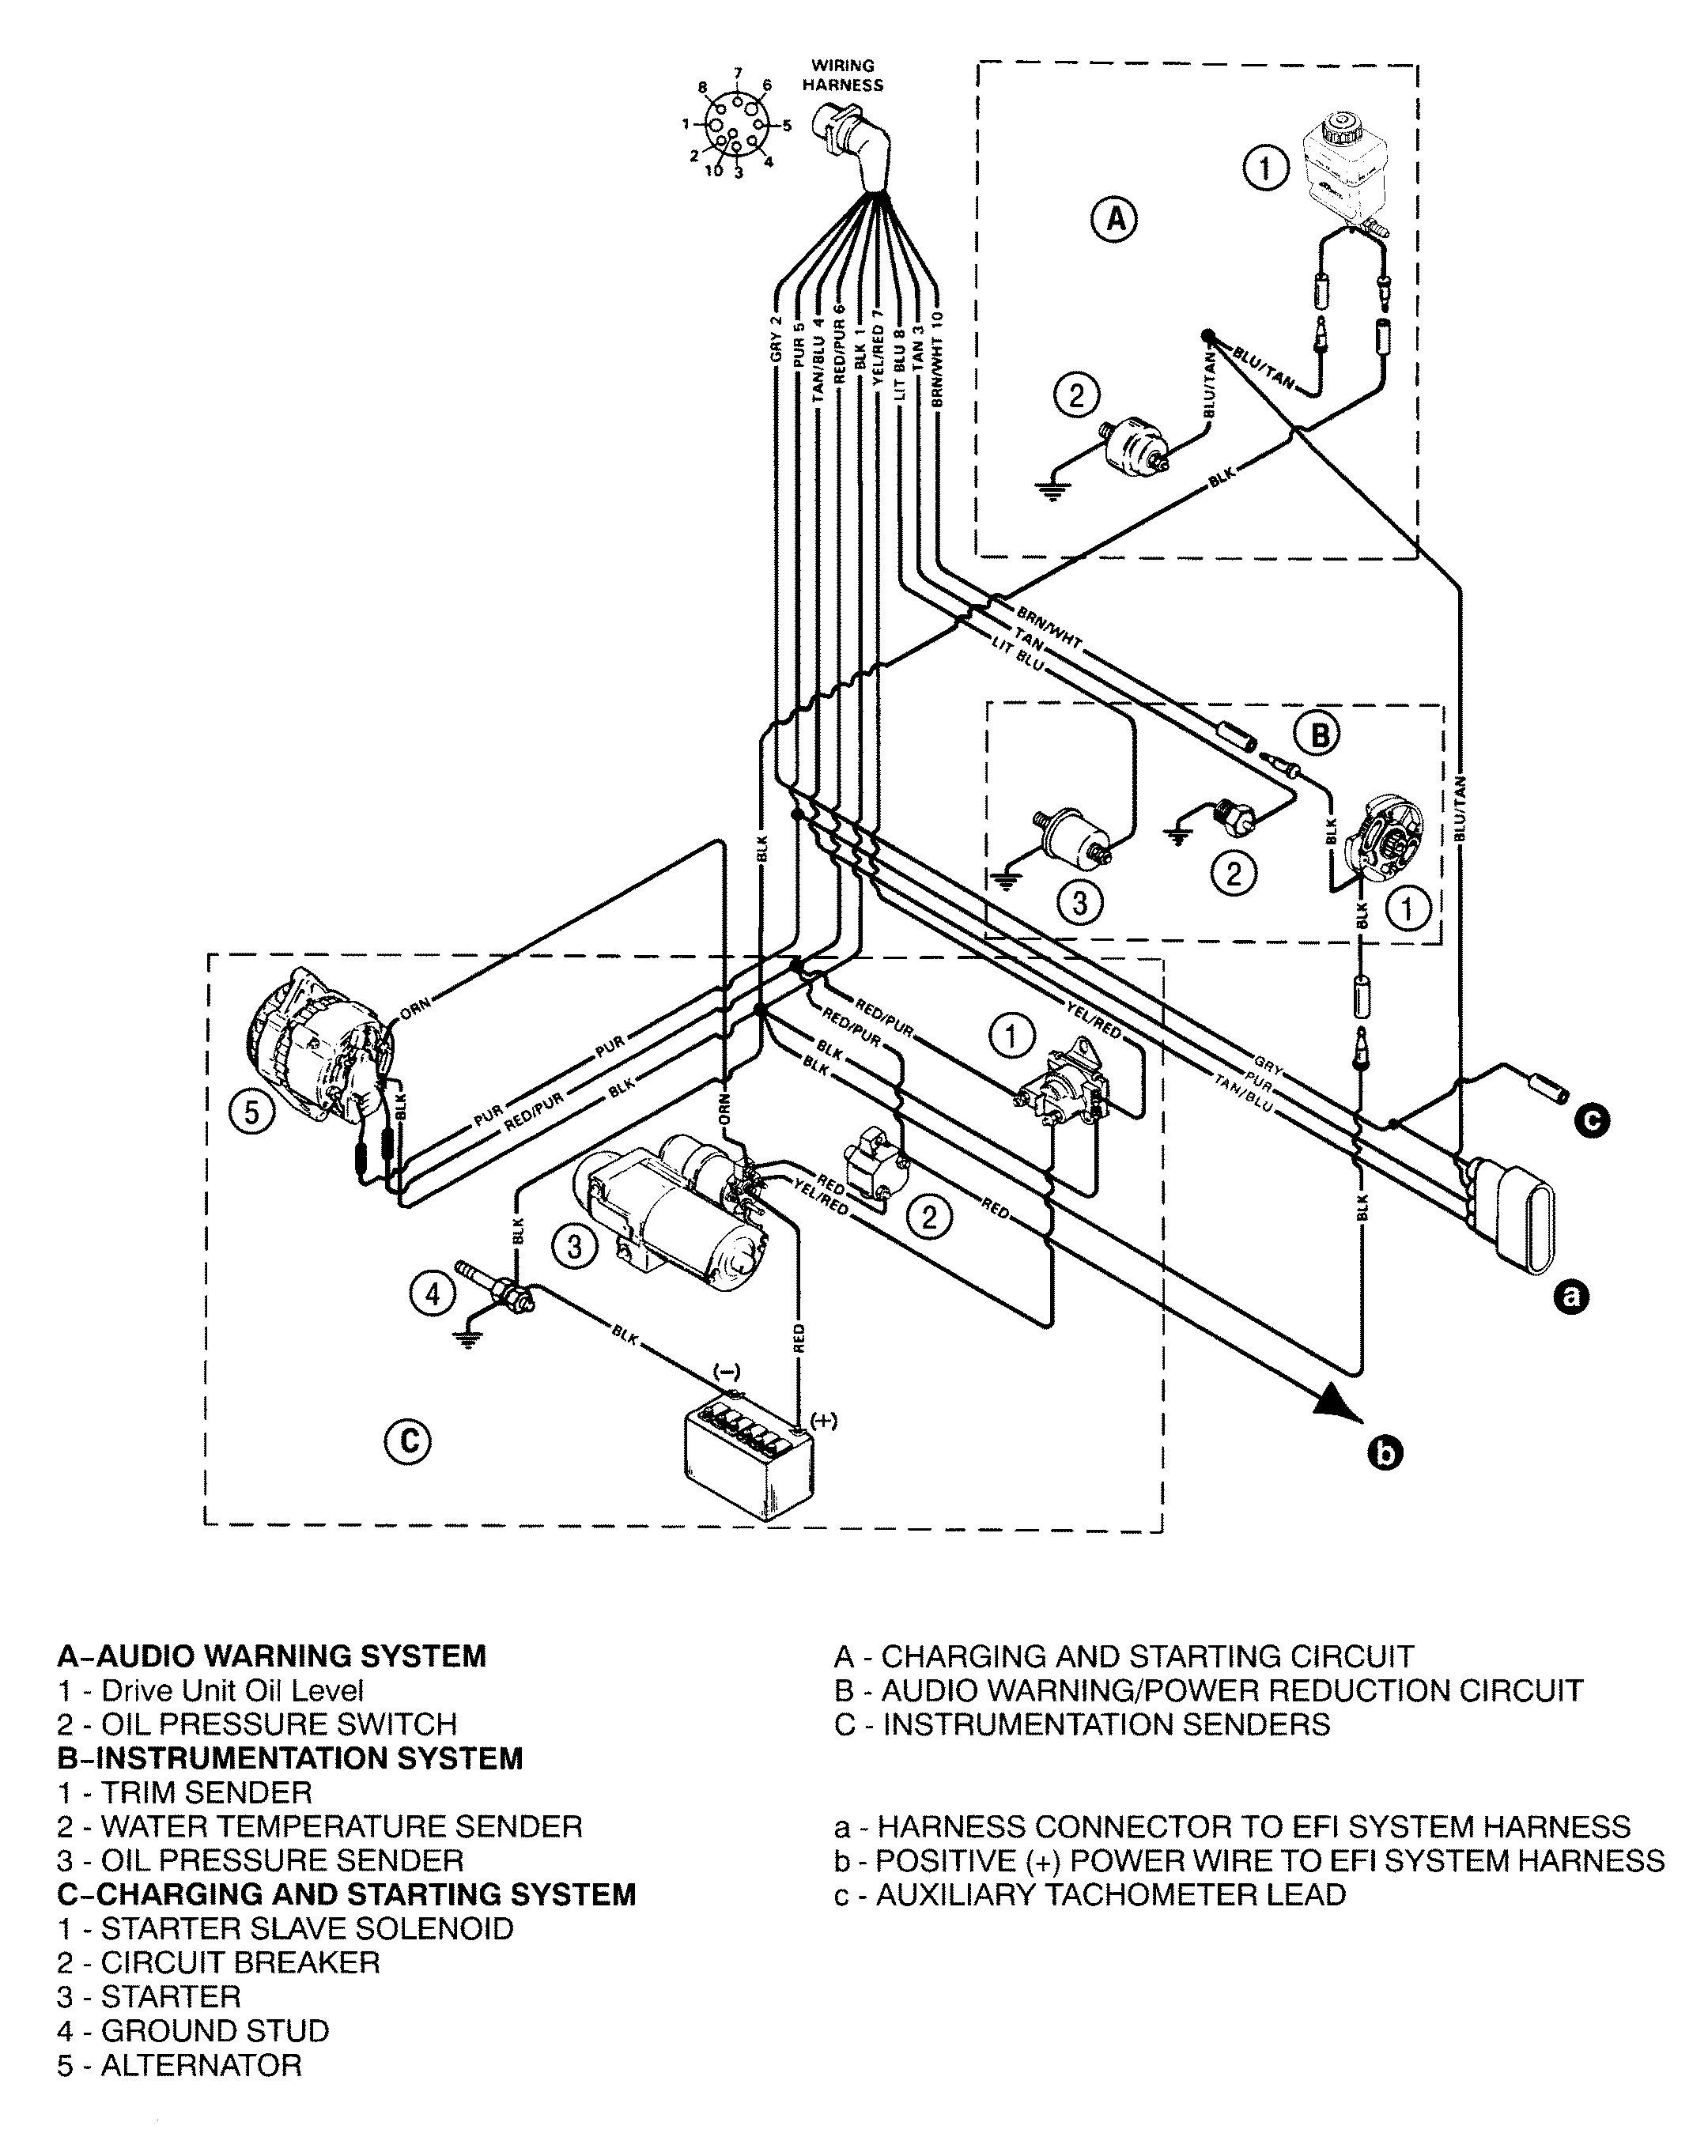 Mercruiser 5 7 Wiring Diagram - Wiring Diagrams Thumbs - Mercruiser 5.7 Wiring Diagram